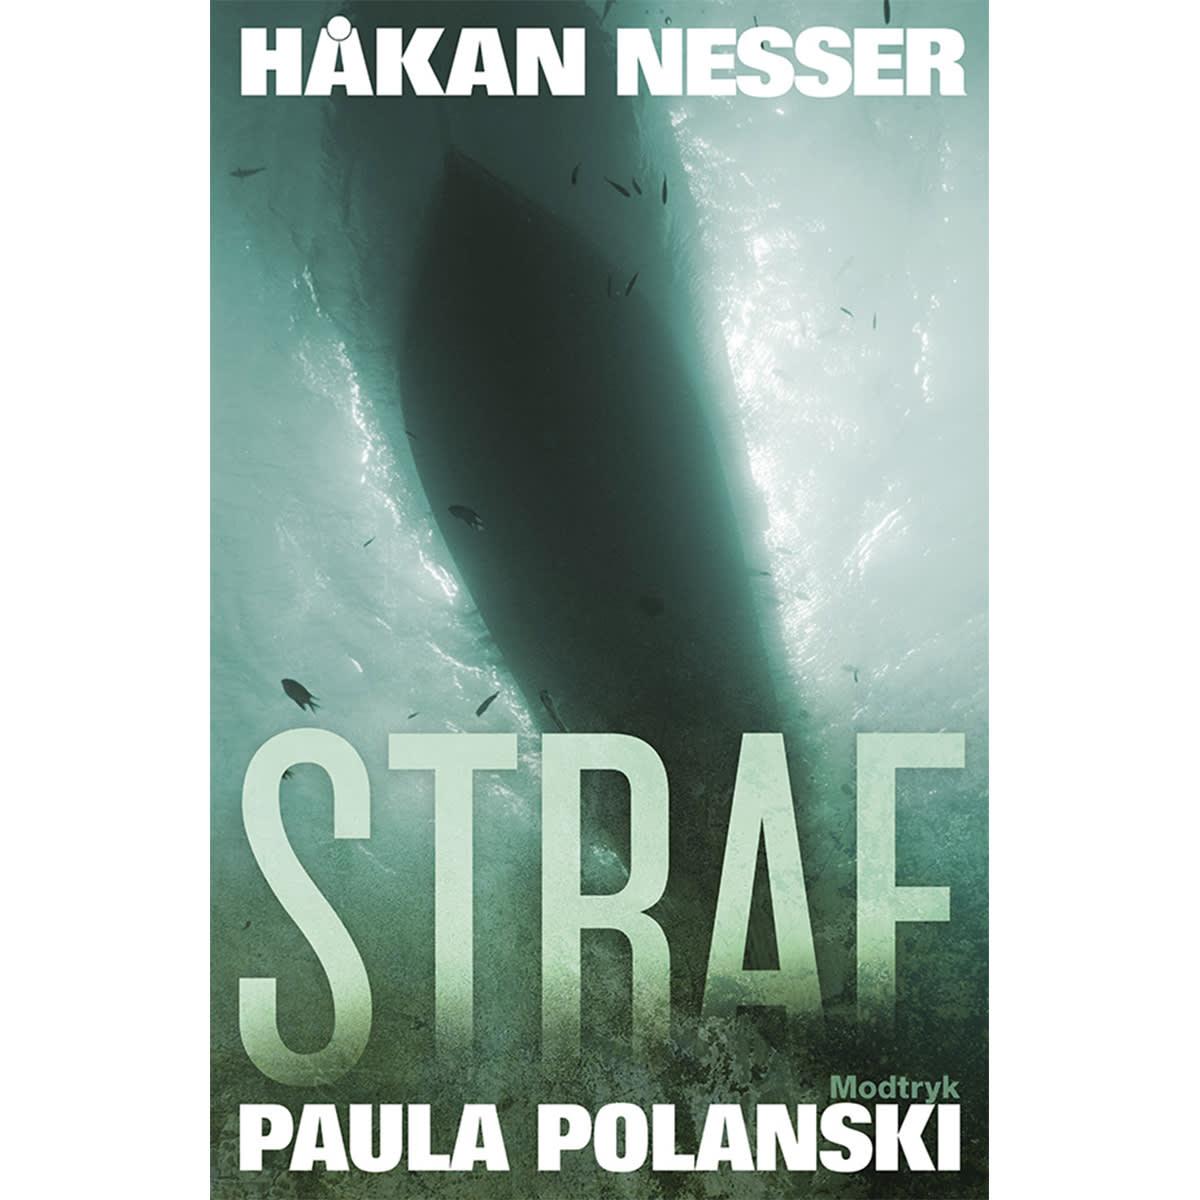 Af Håkan Nesser & Paula Polanski